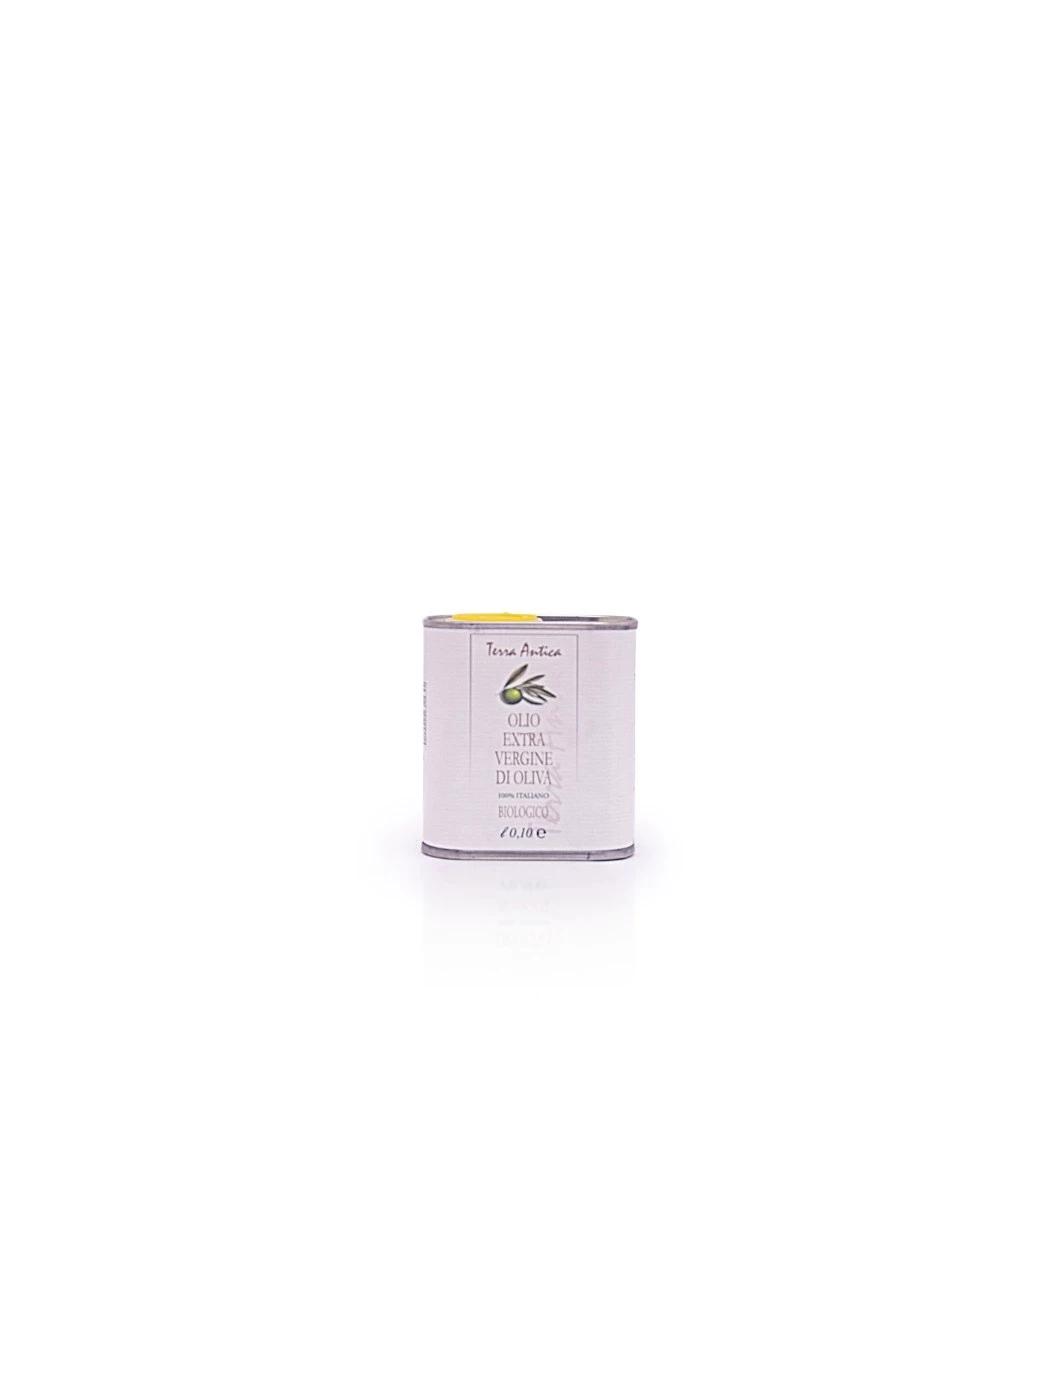 Olio Extravergine di Oliva Biologico 0,10 l